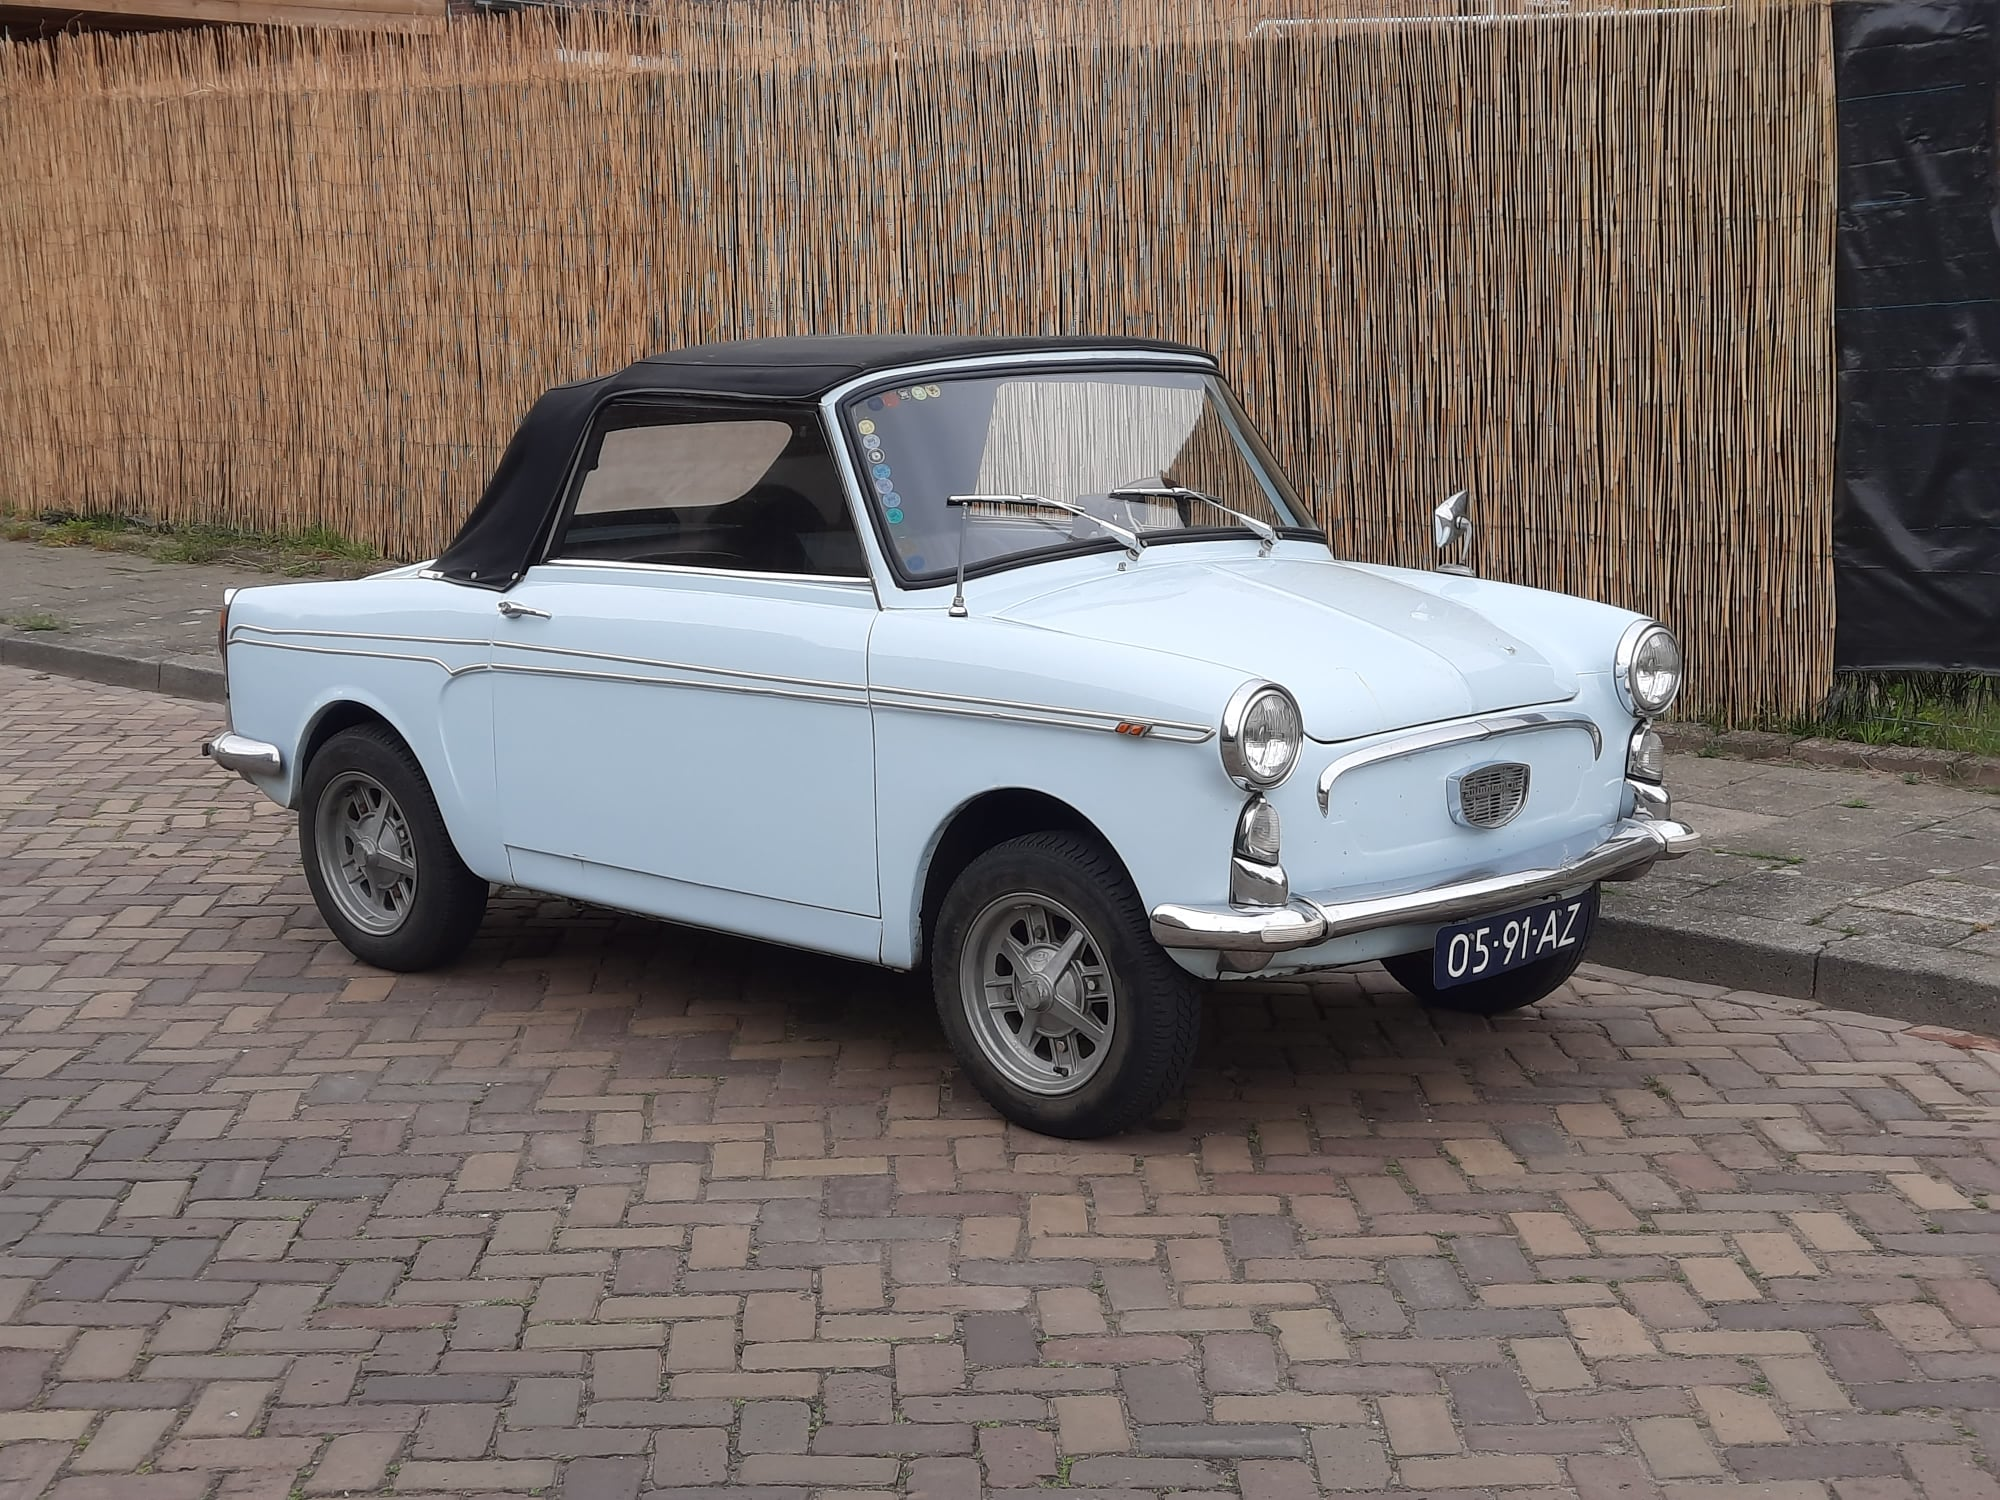 Auto-Bianchi-uit-1965-foto-gemaakt-9-5-2021--door-Wim-Schipper--(1)